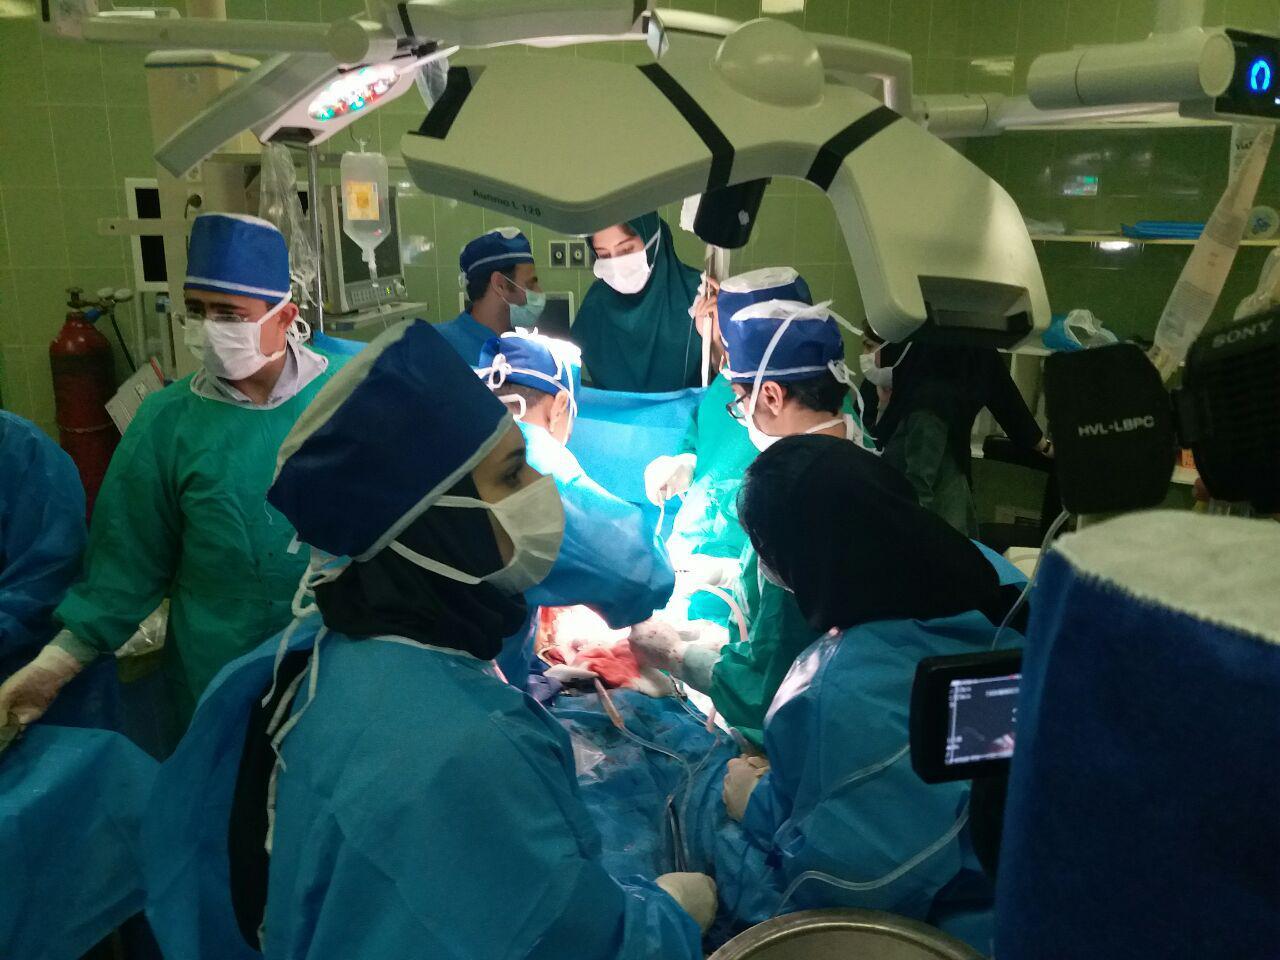 اهدای عضو یک جوان به 4 بیمار زندگی دوباره بخشید